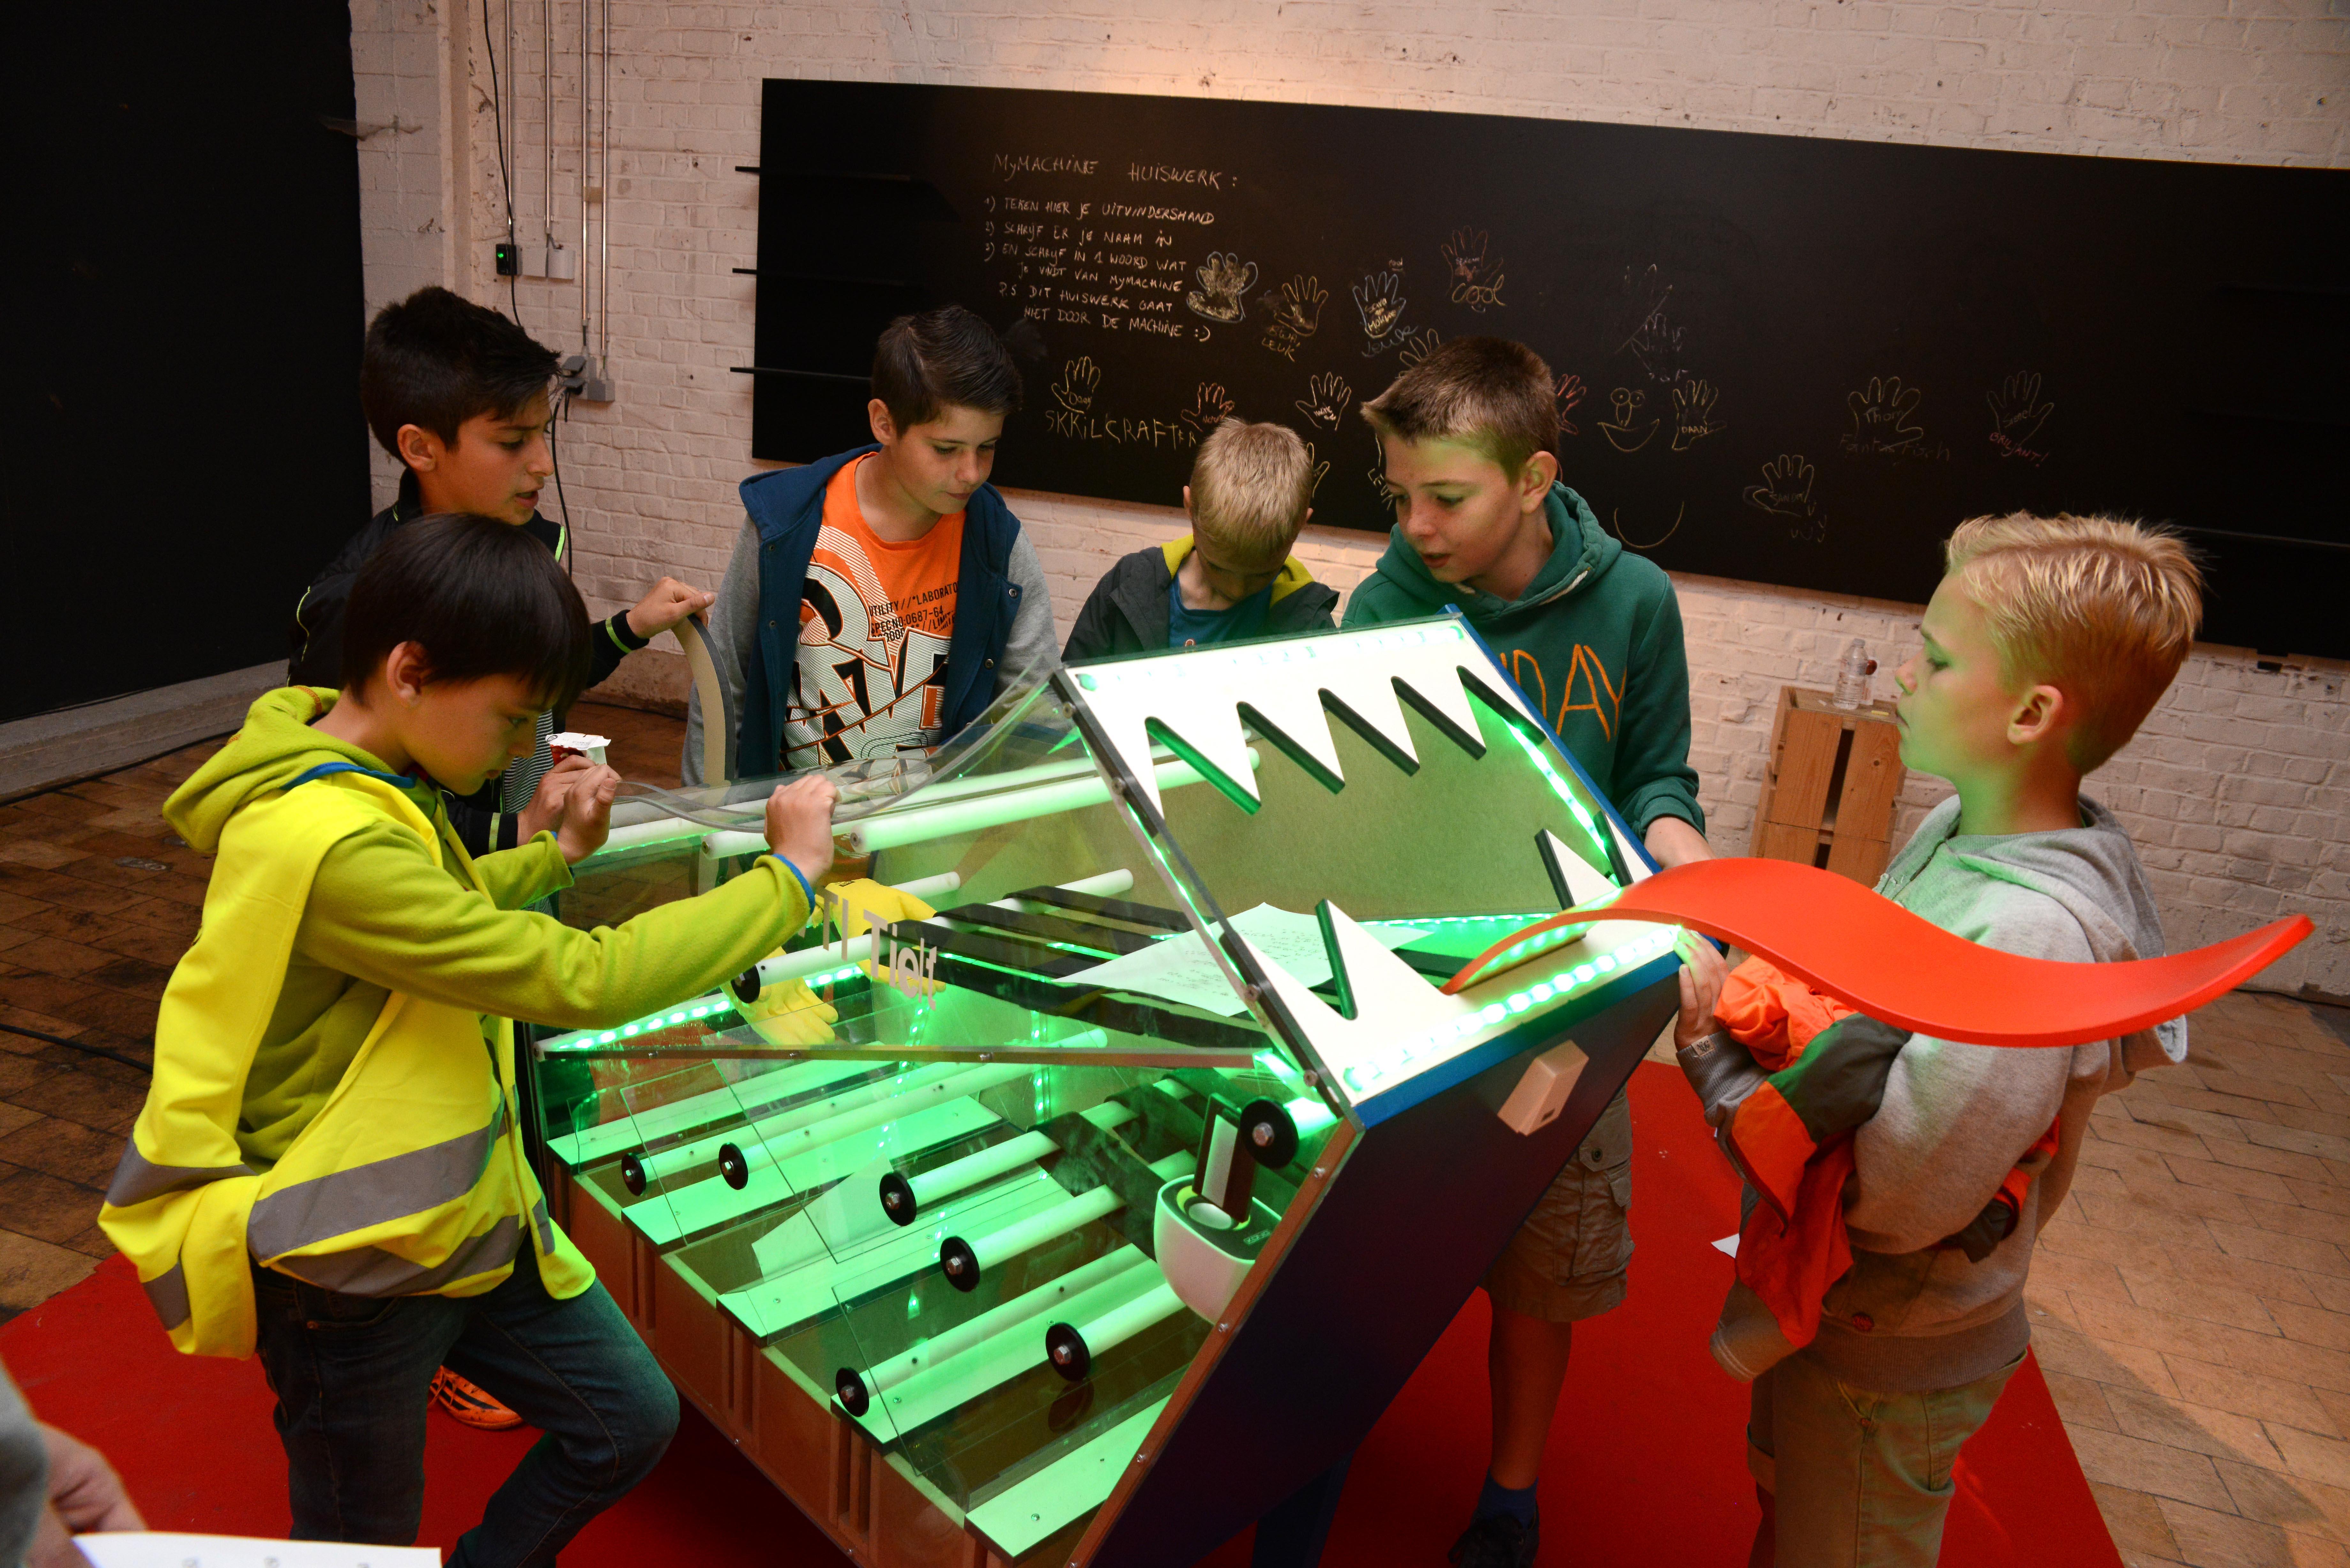 Gezocht: Lager onderwijsklassen met geniale ideeën en secundaire scholen met maaktalenten voor deelname aan MyMachine Vlaanderen 2018-2019